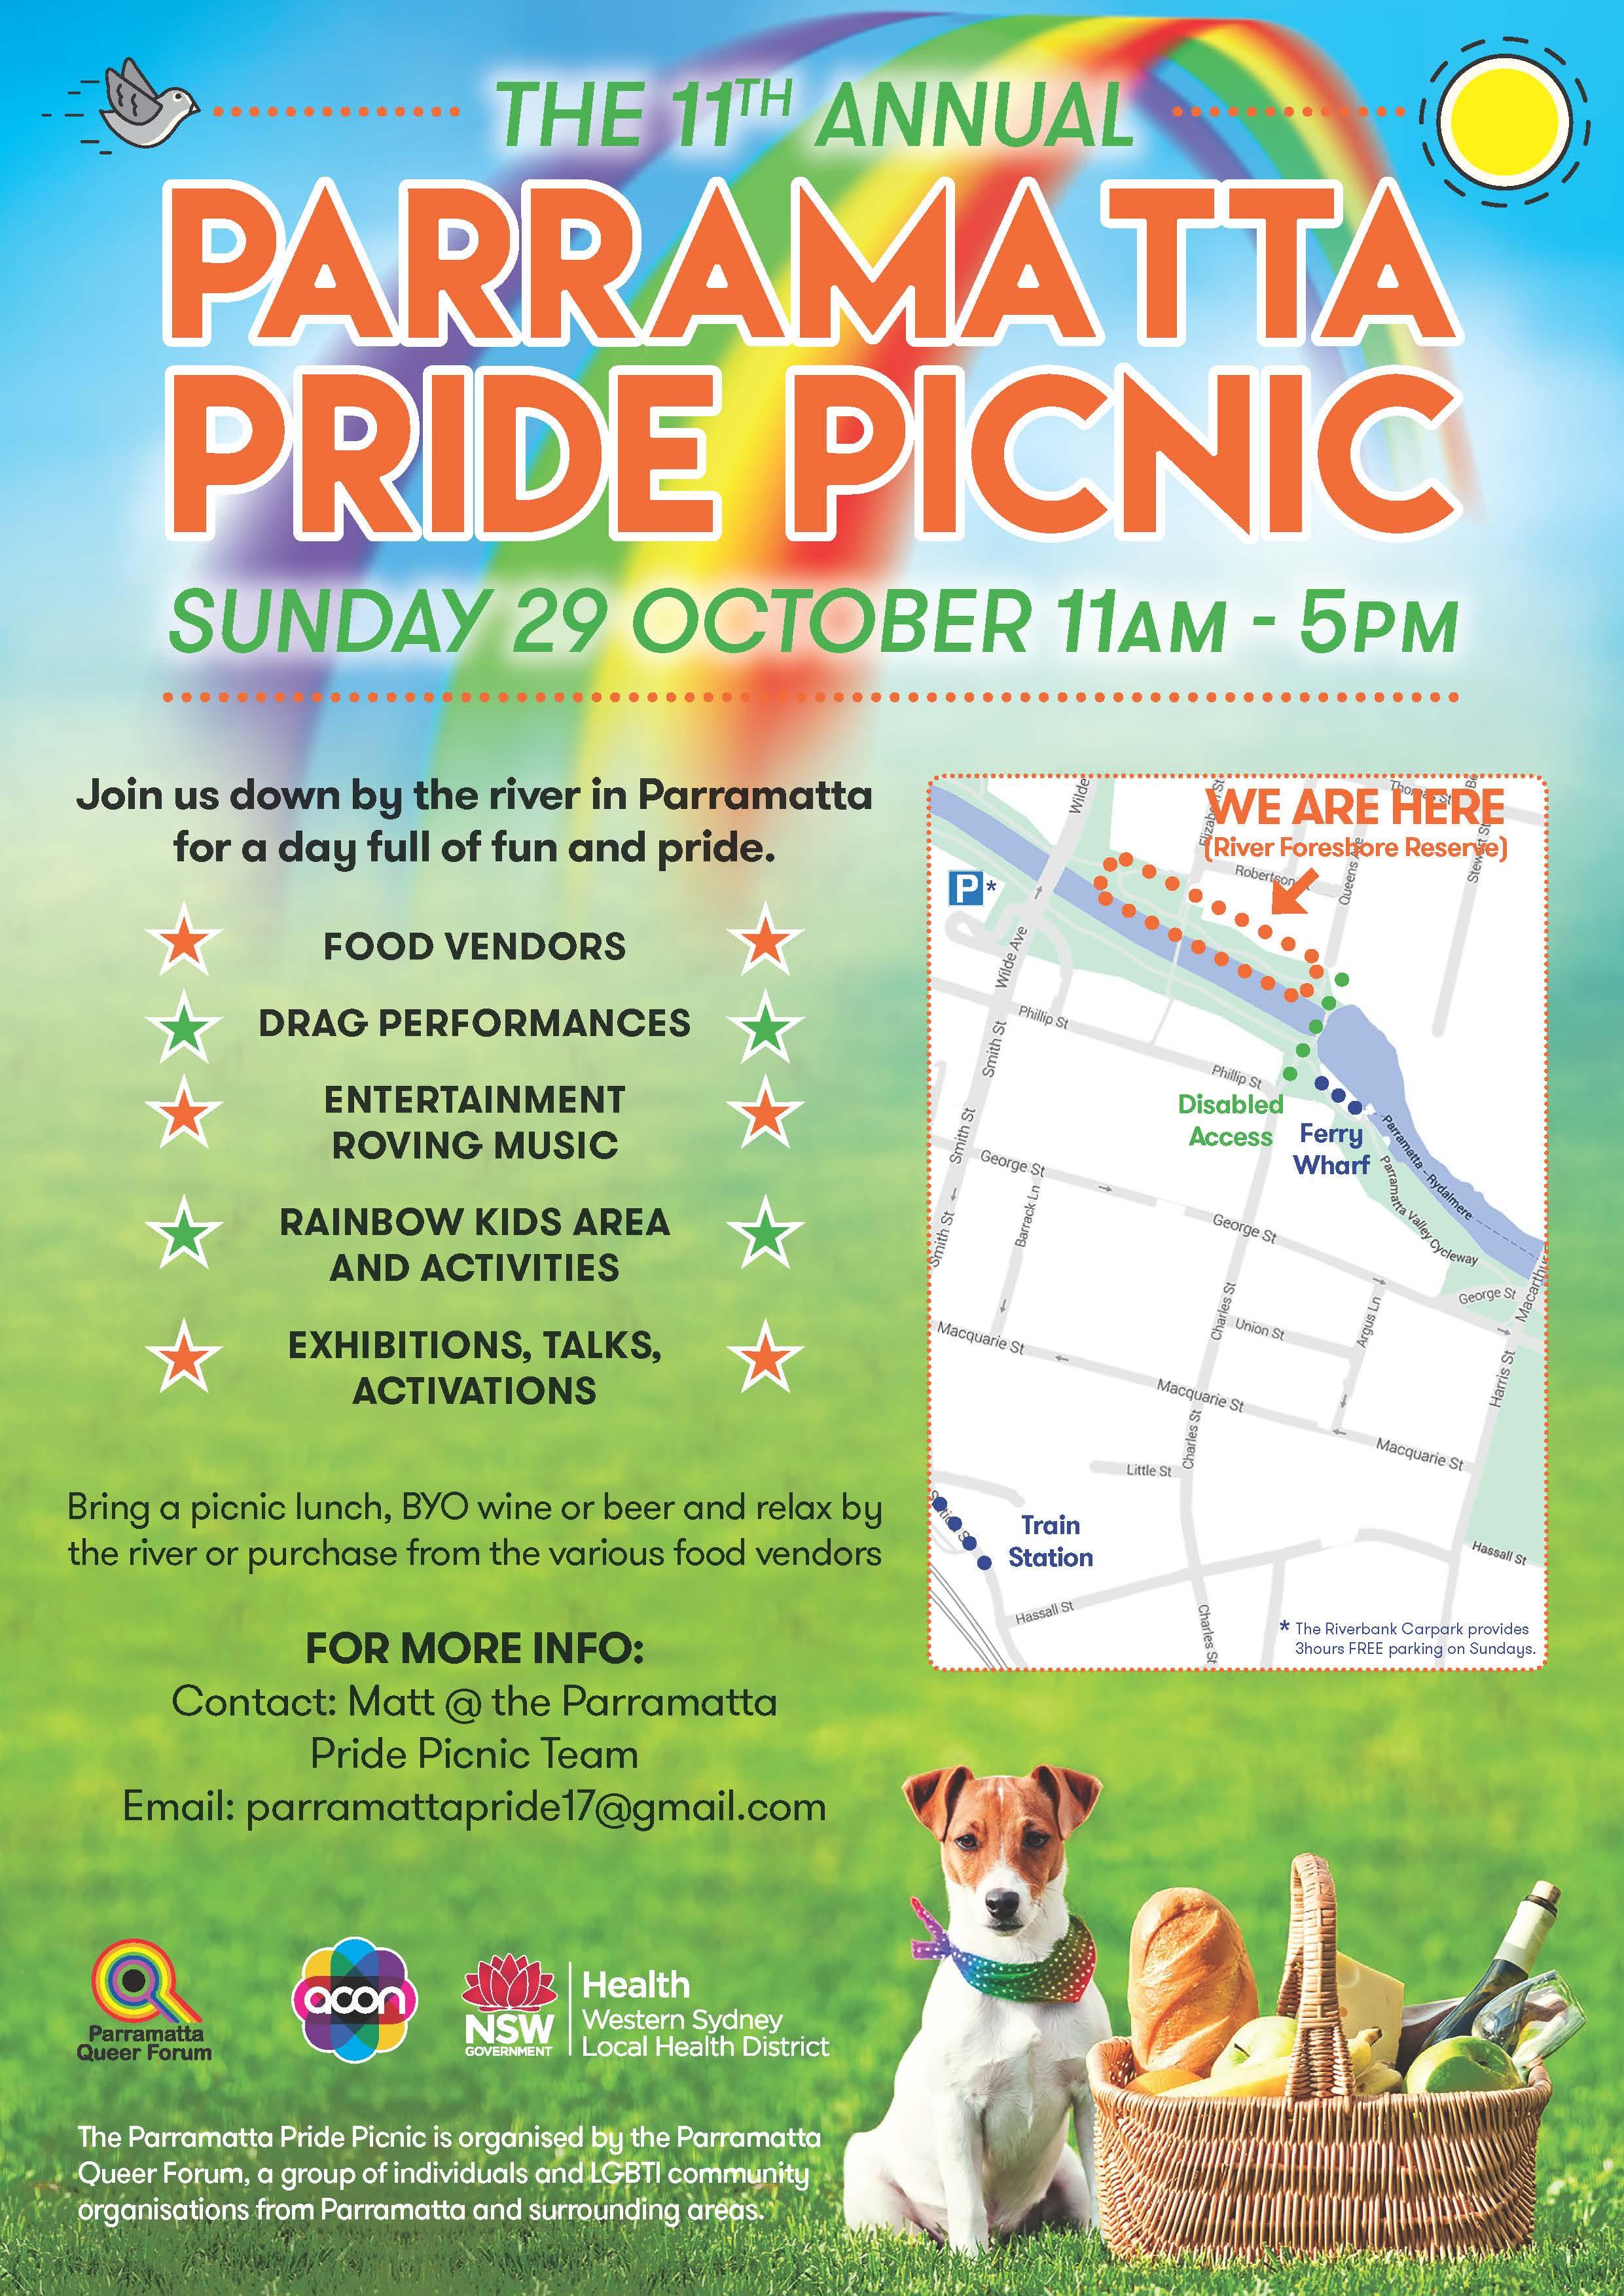 Parra Pride Picnic Flyer 2017.jpg